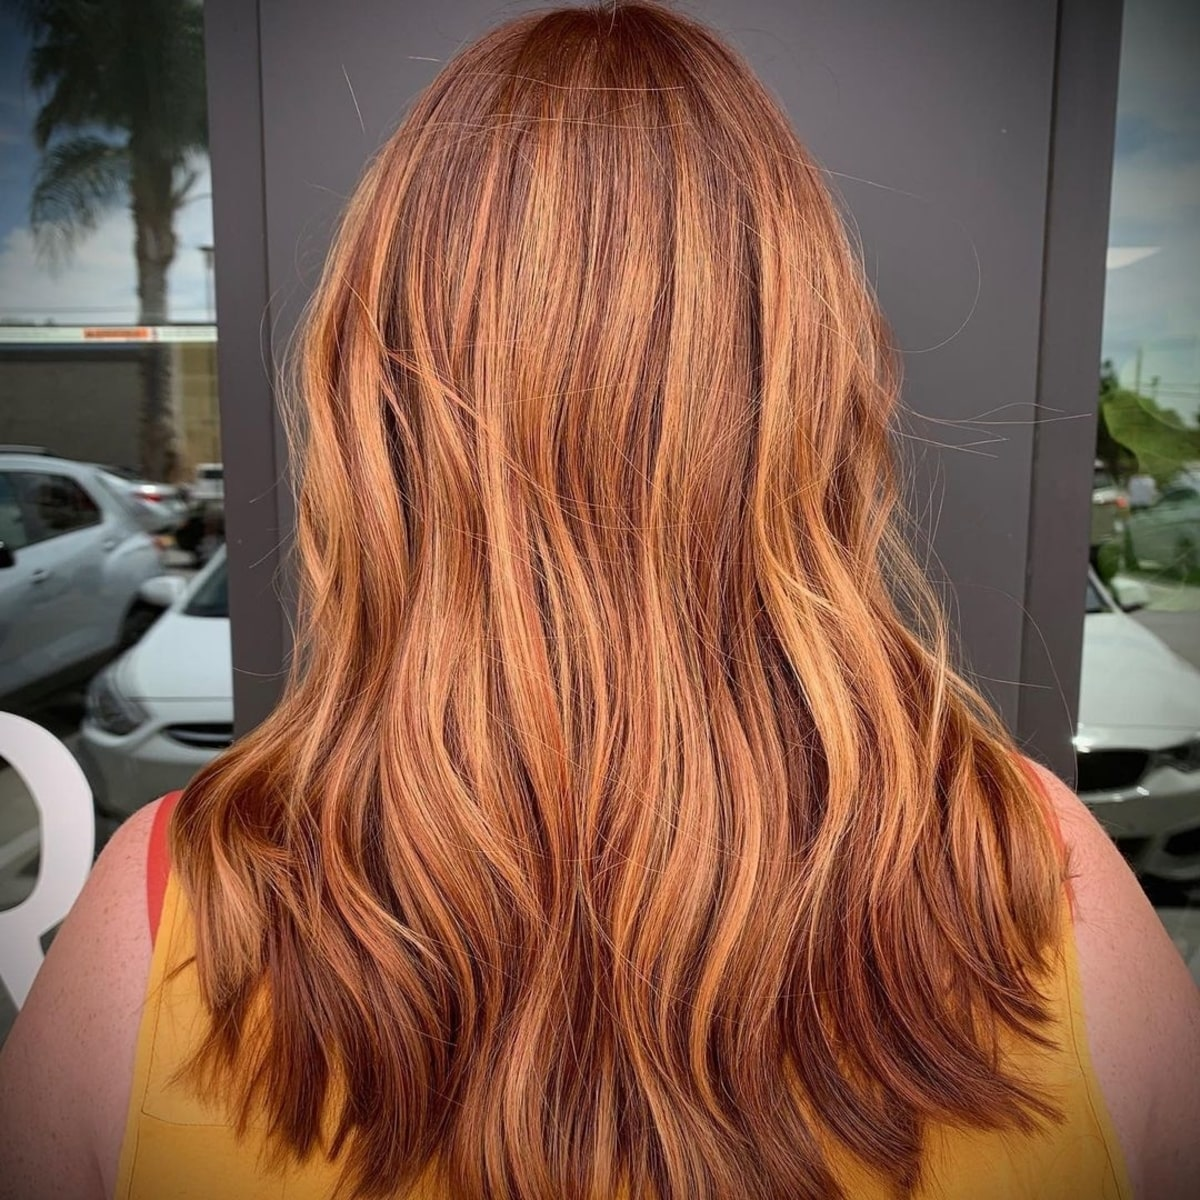 Cheveux roux clair et doré avec mèches